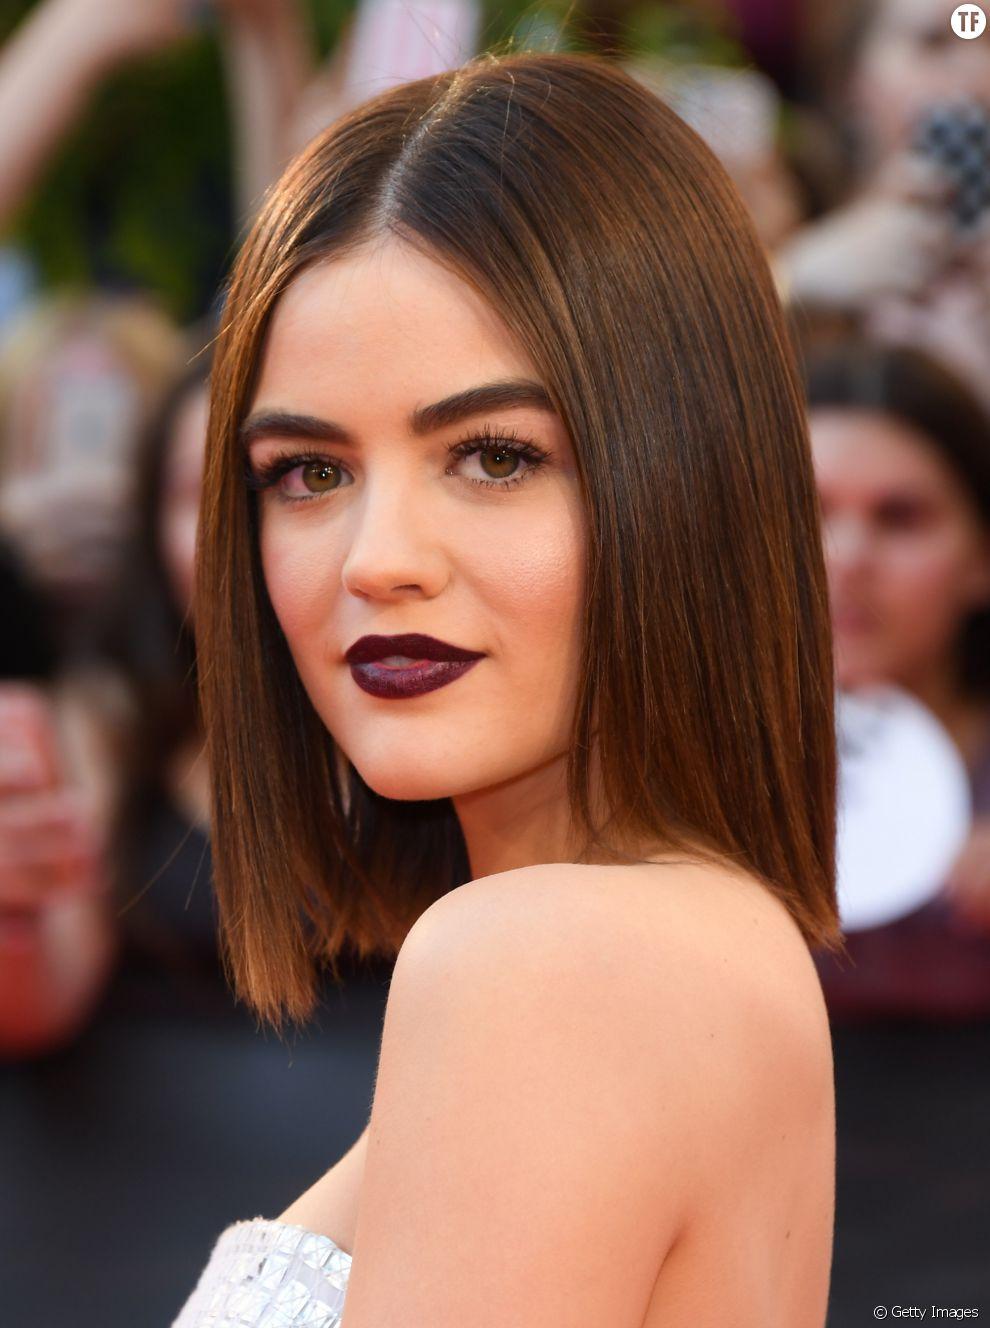 Cheveux fins : 50 idées de coiffures pour les cheveux fins